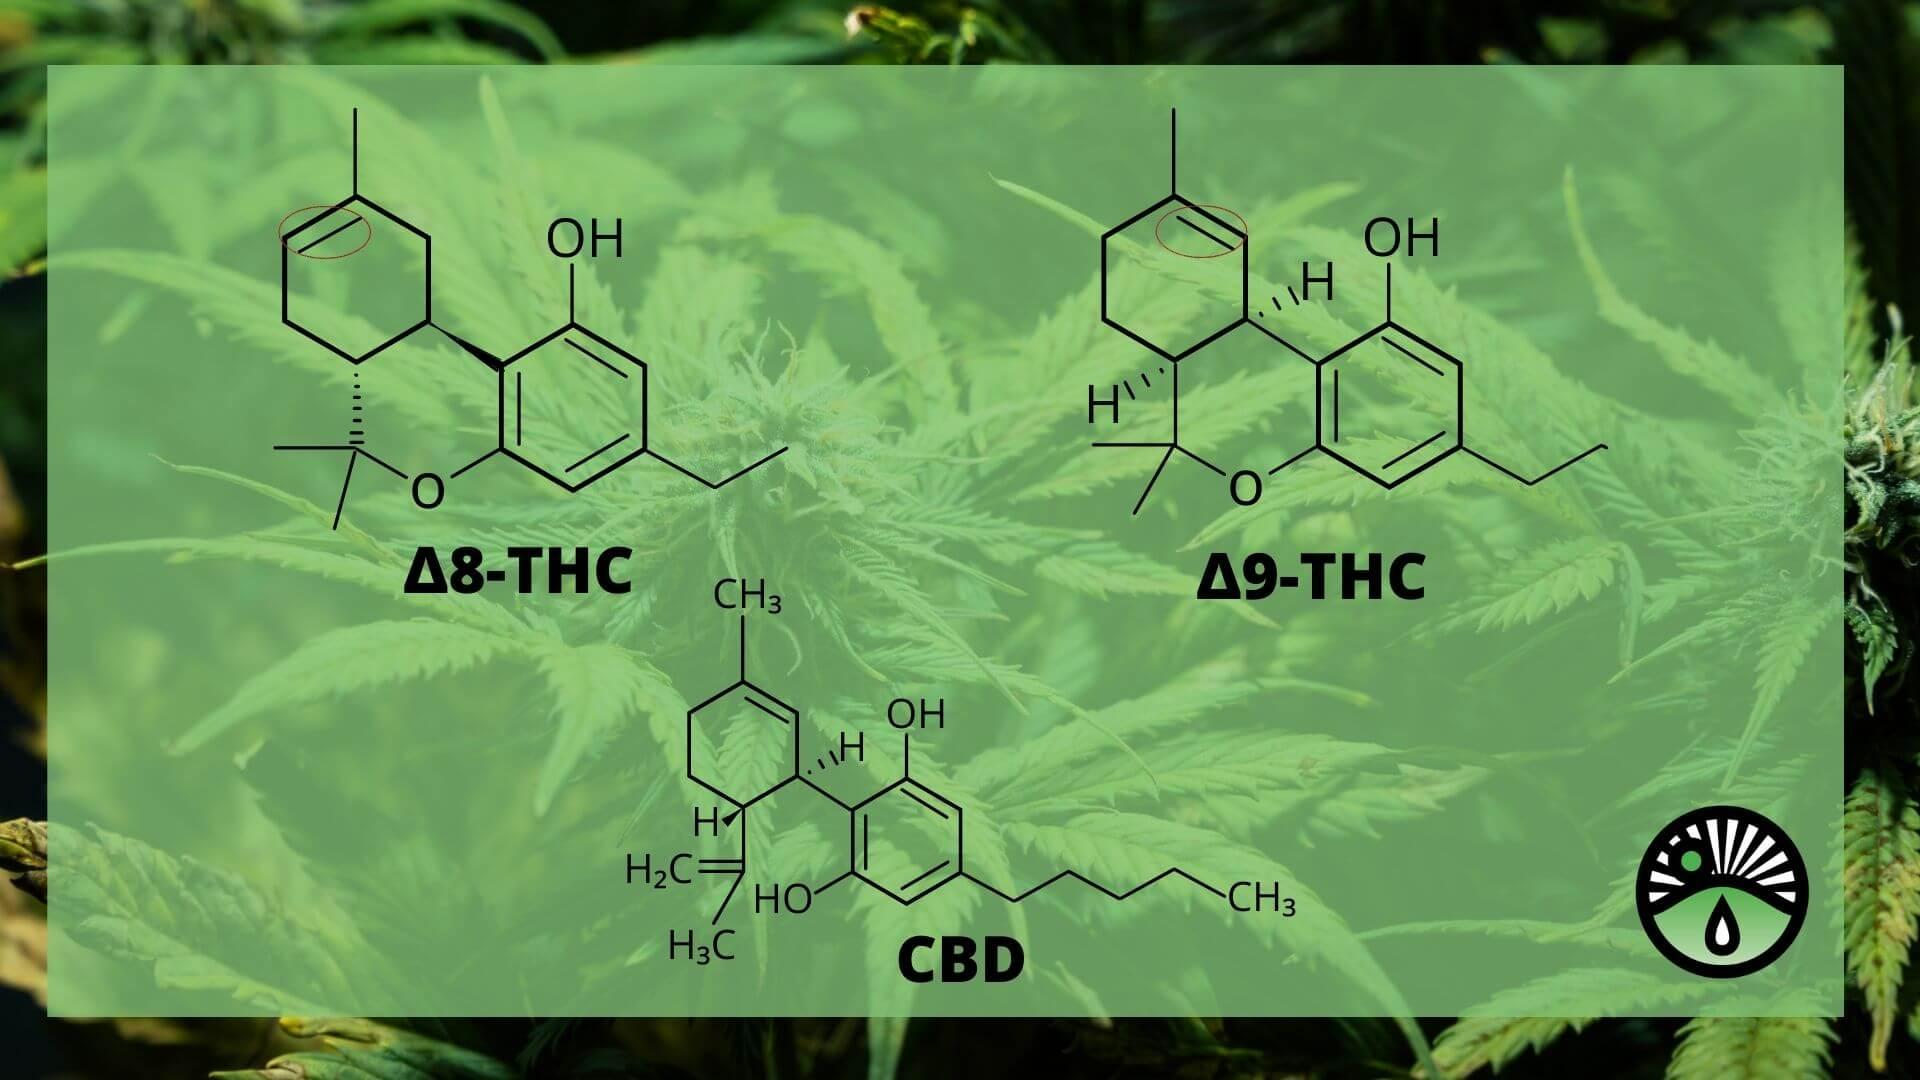 Delta 8 THC, Delta 9 THC and CBD Molecule Comparison